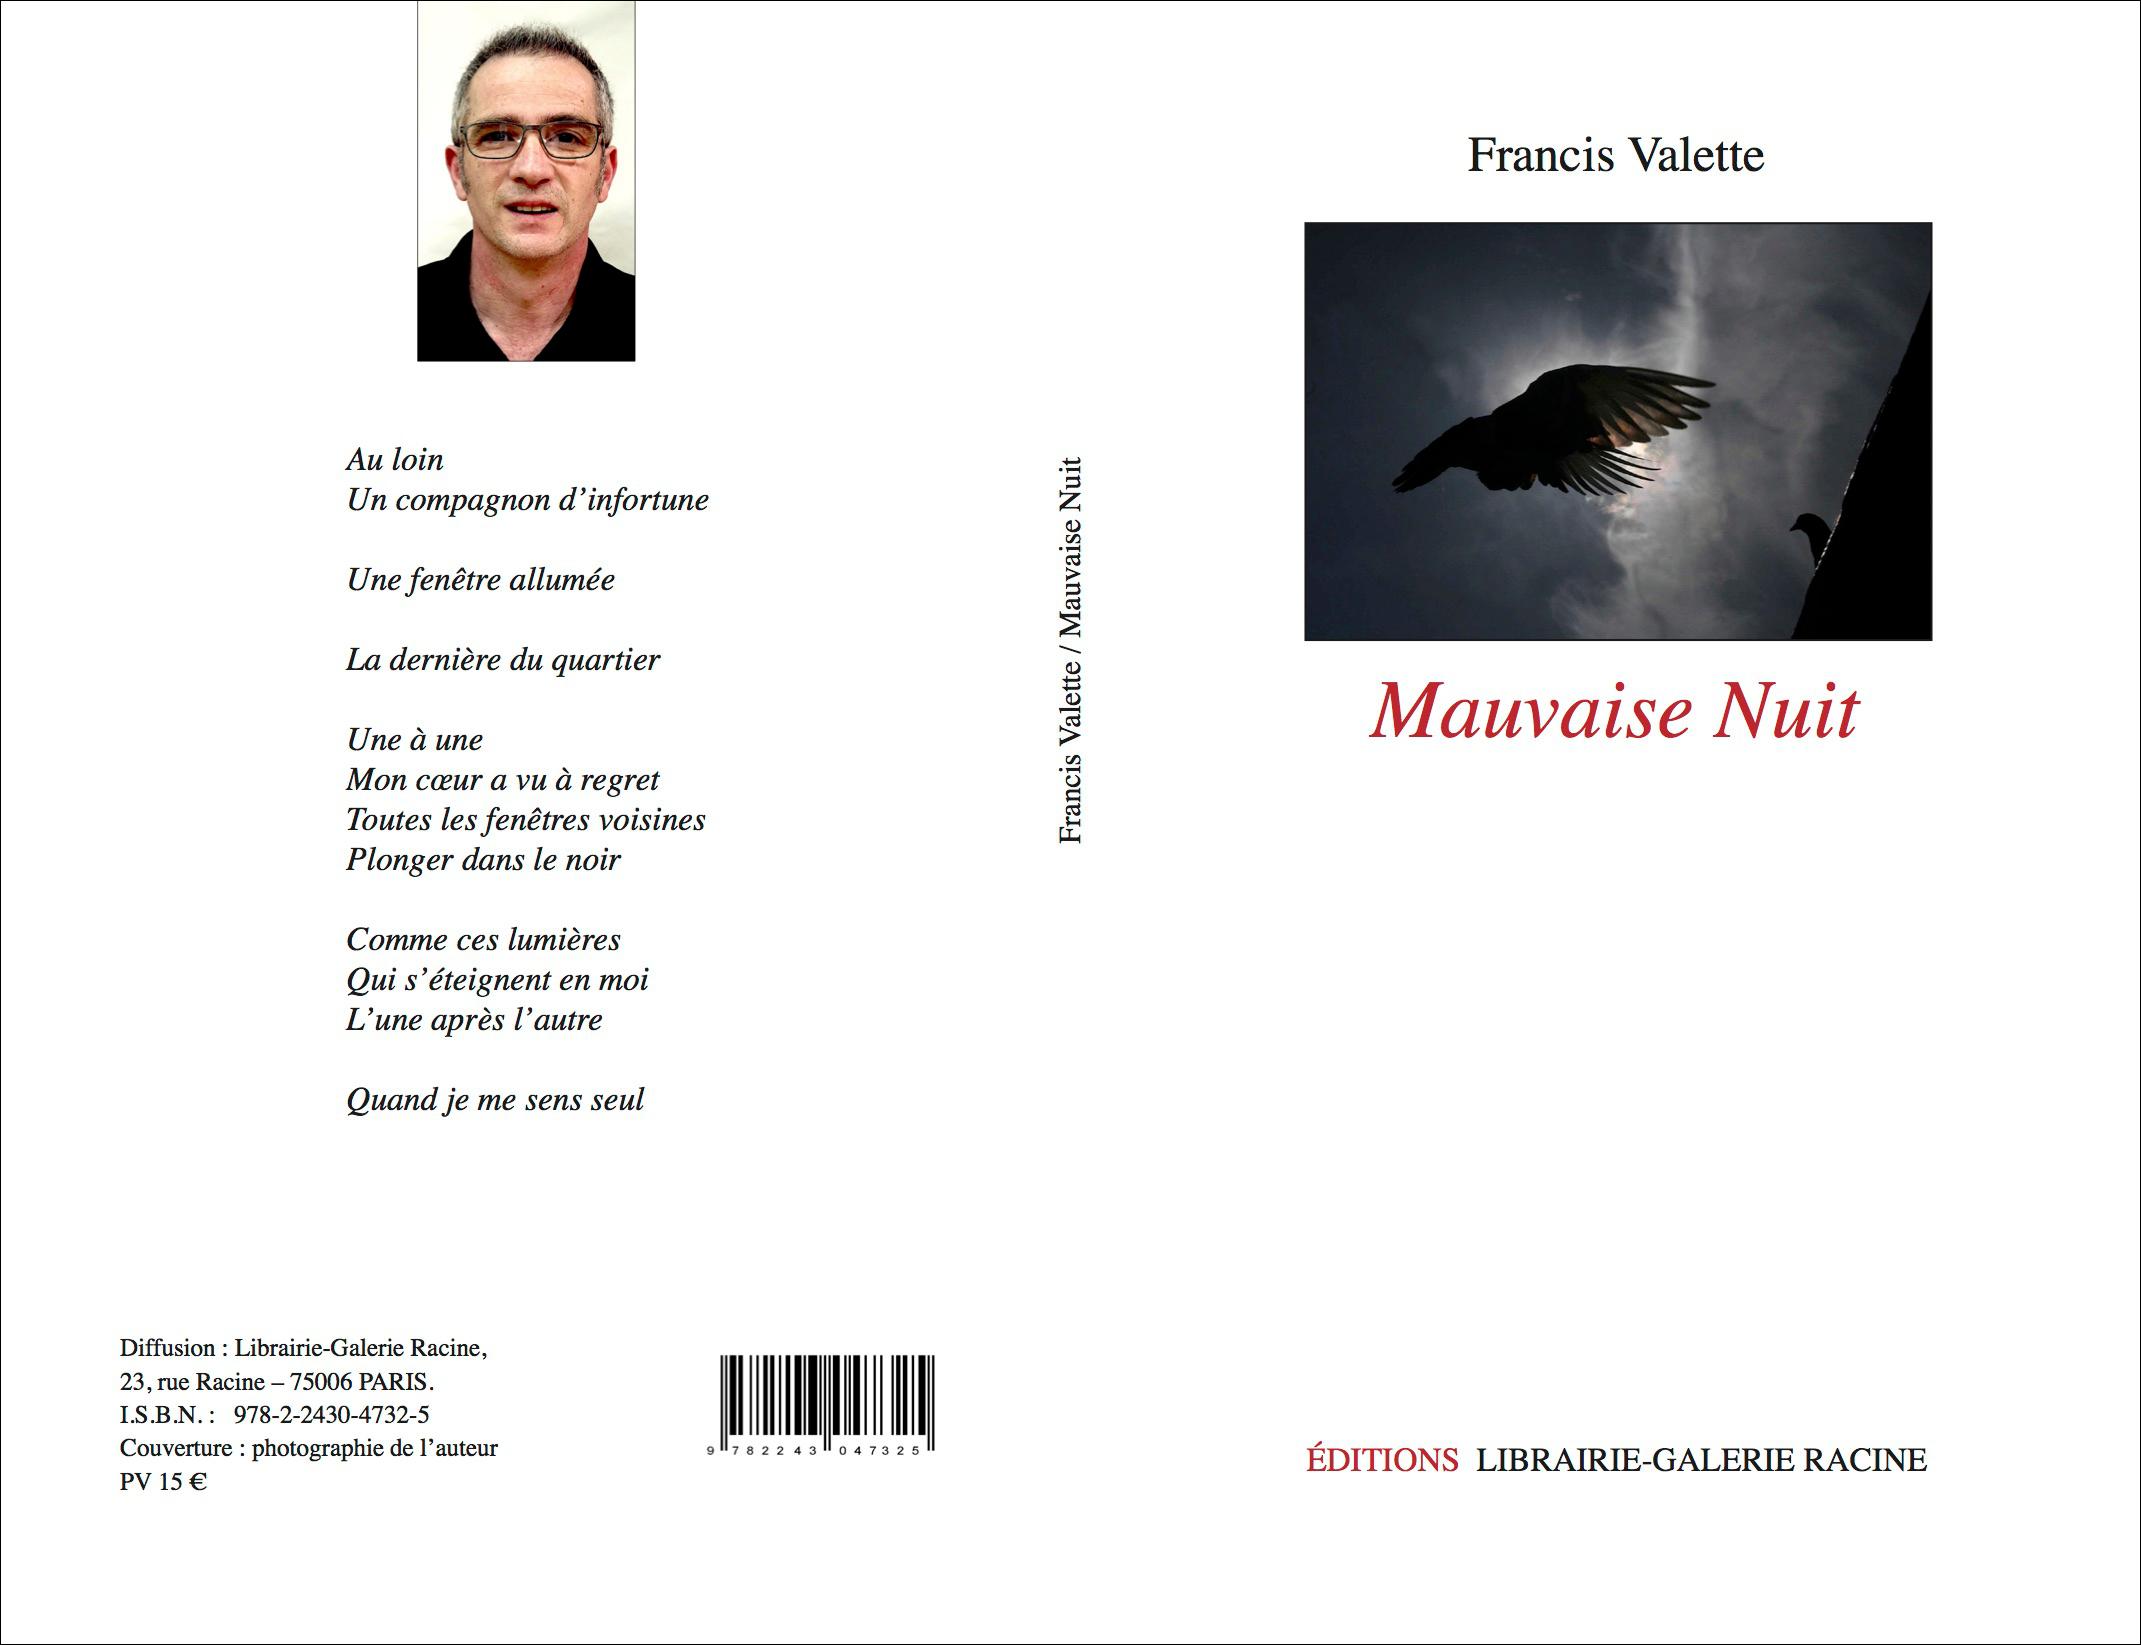 Francis VALETTE - Mauvaise Nuit